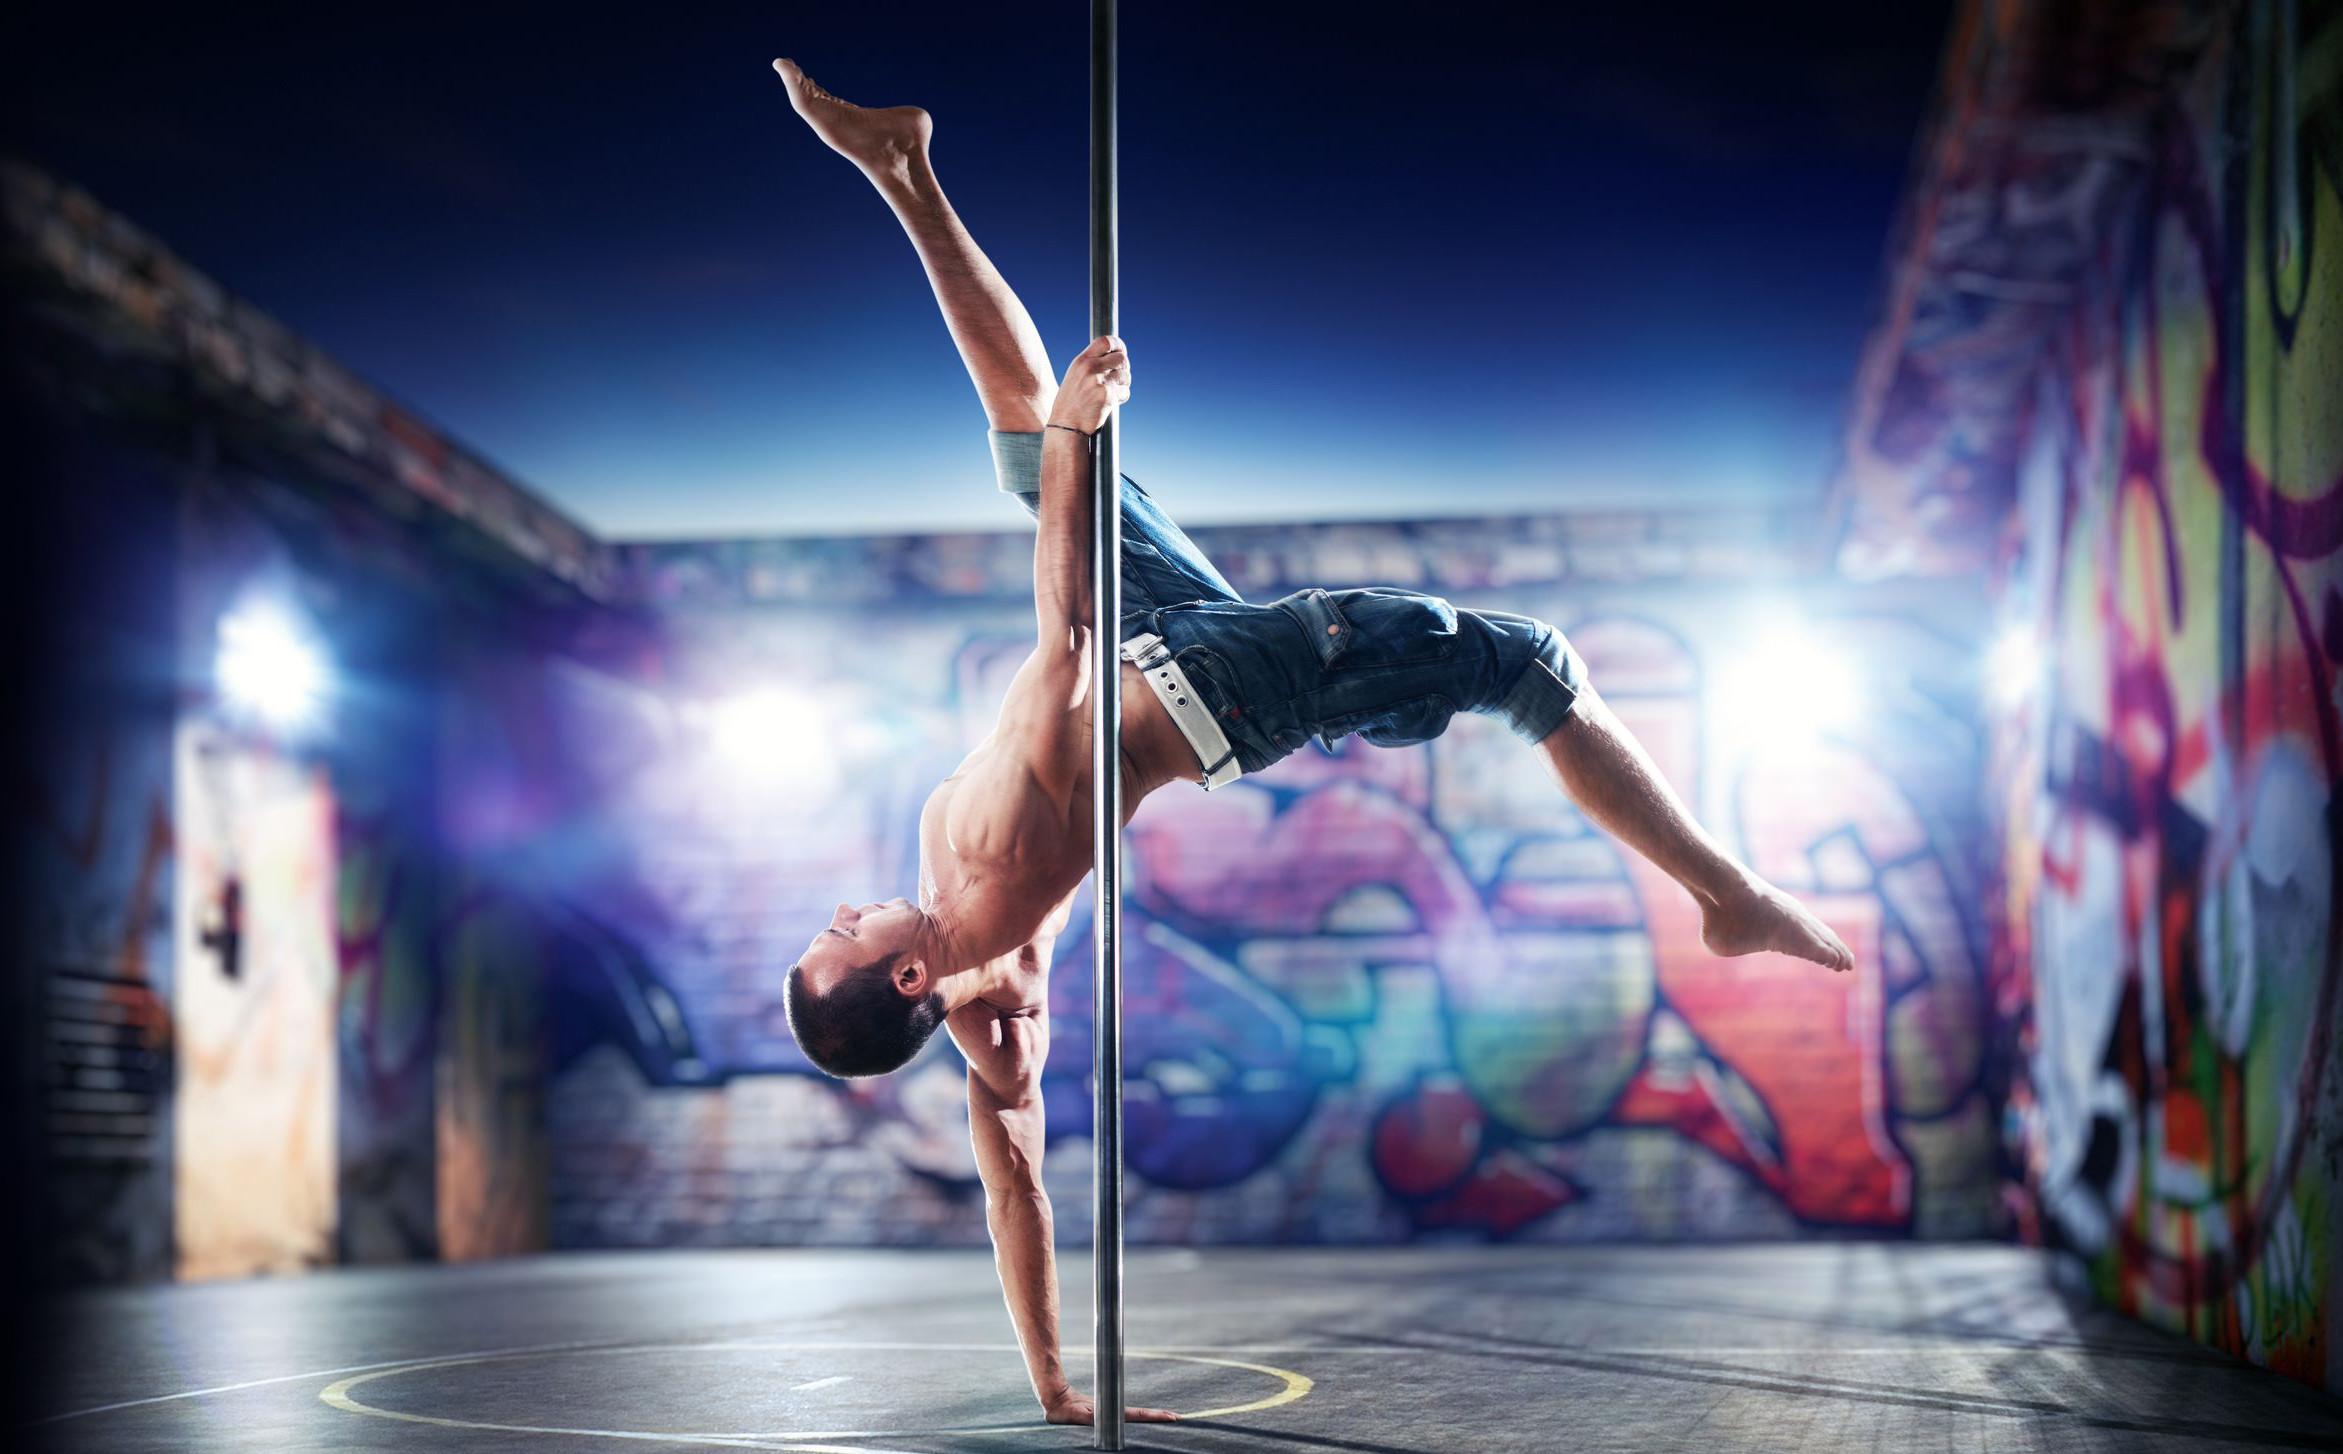 pole-fitness-dancing-men-sld-e1358912985144.jpg